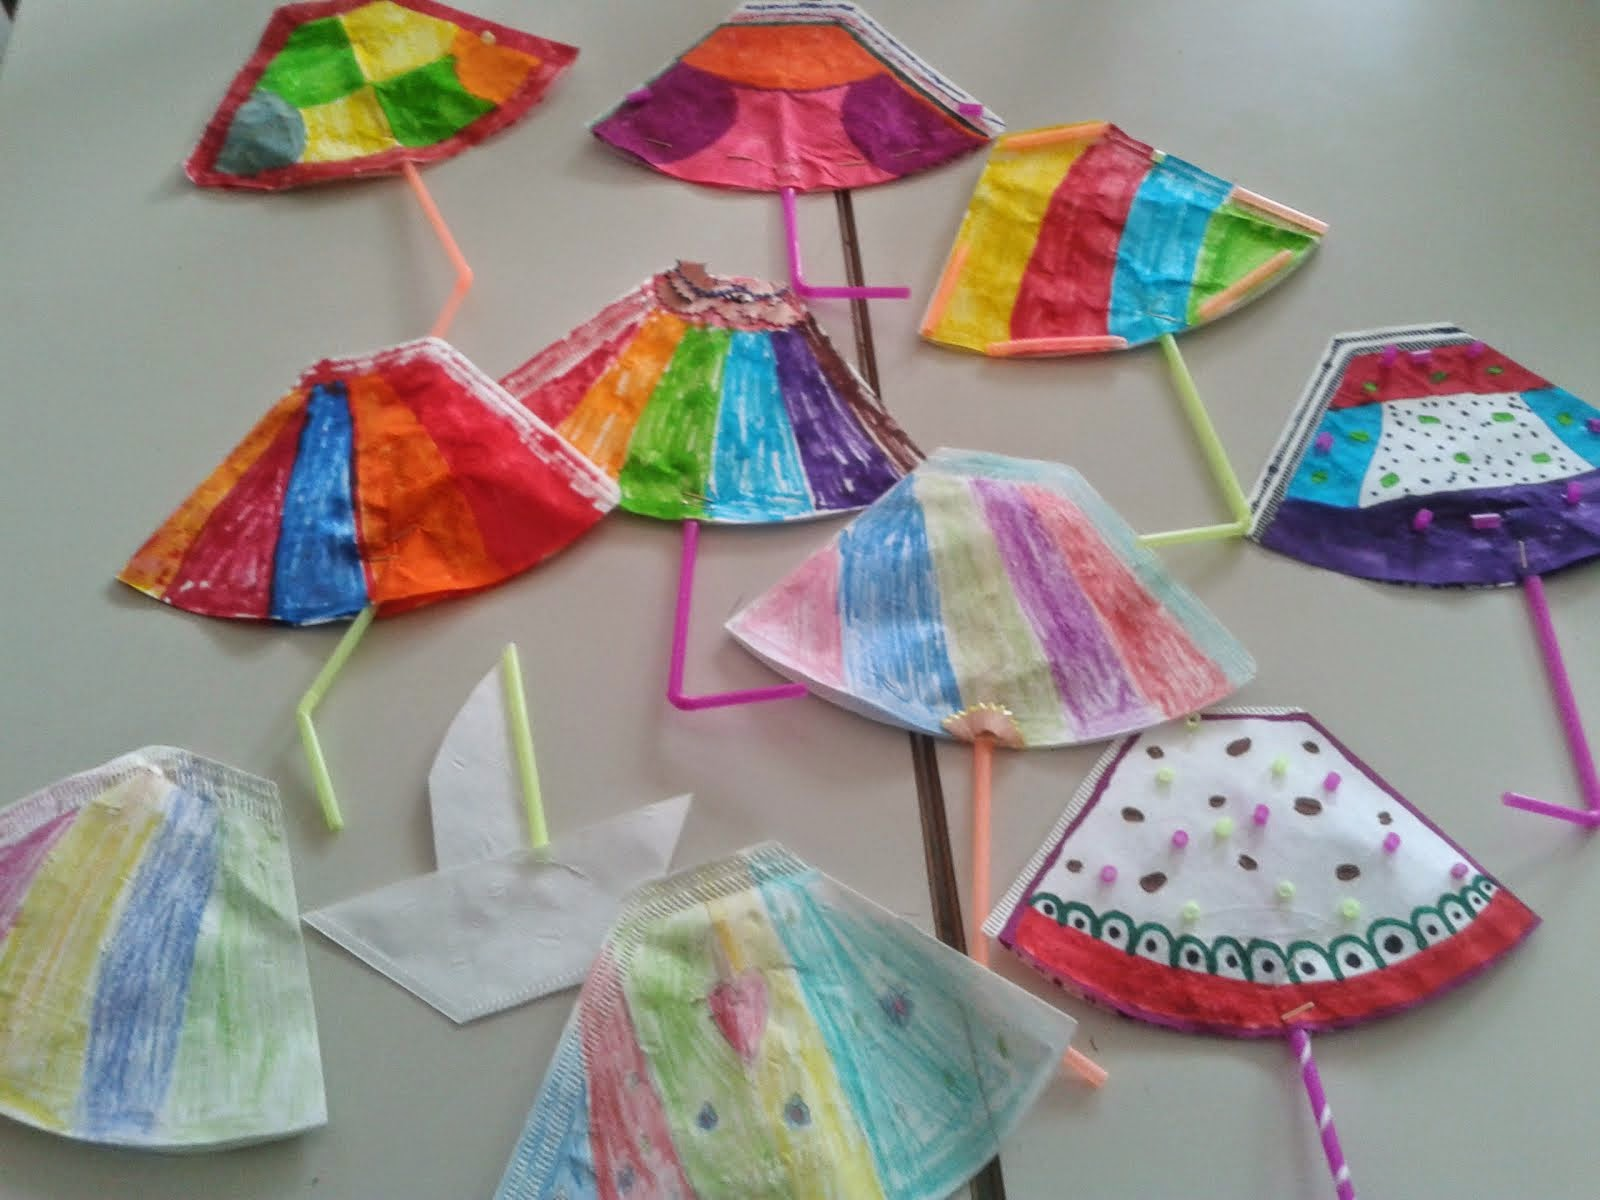 φθινοπωρινές ομπρελίτσες!